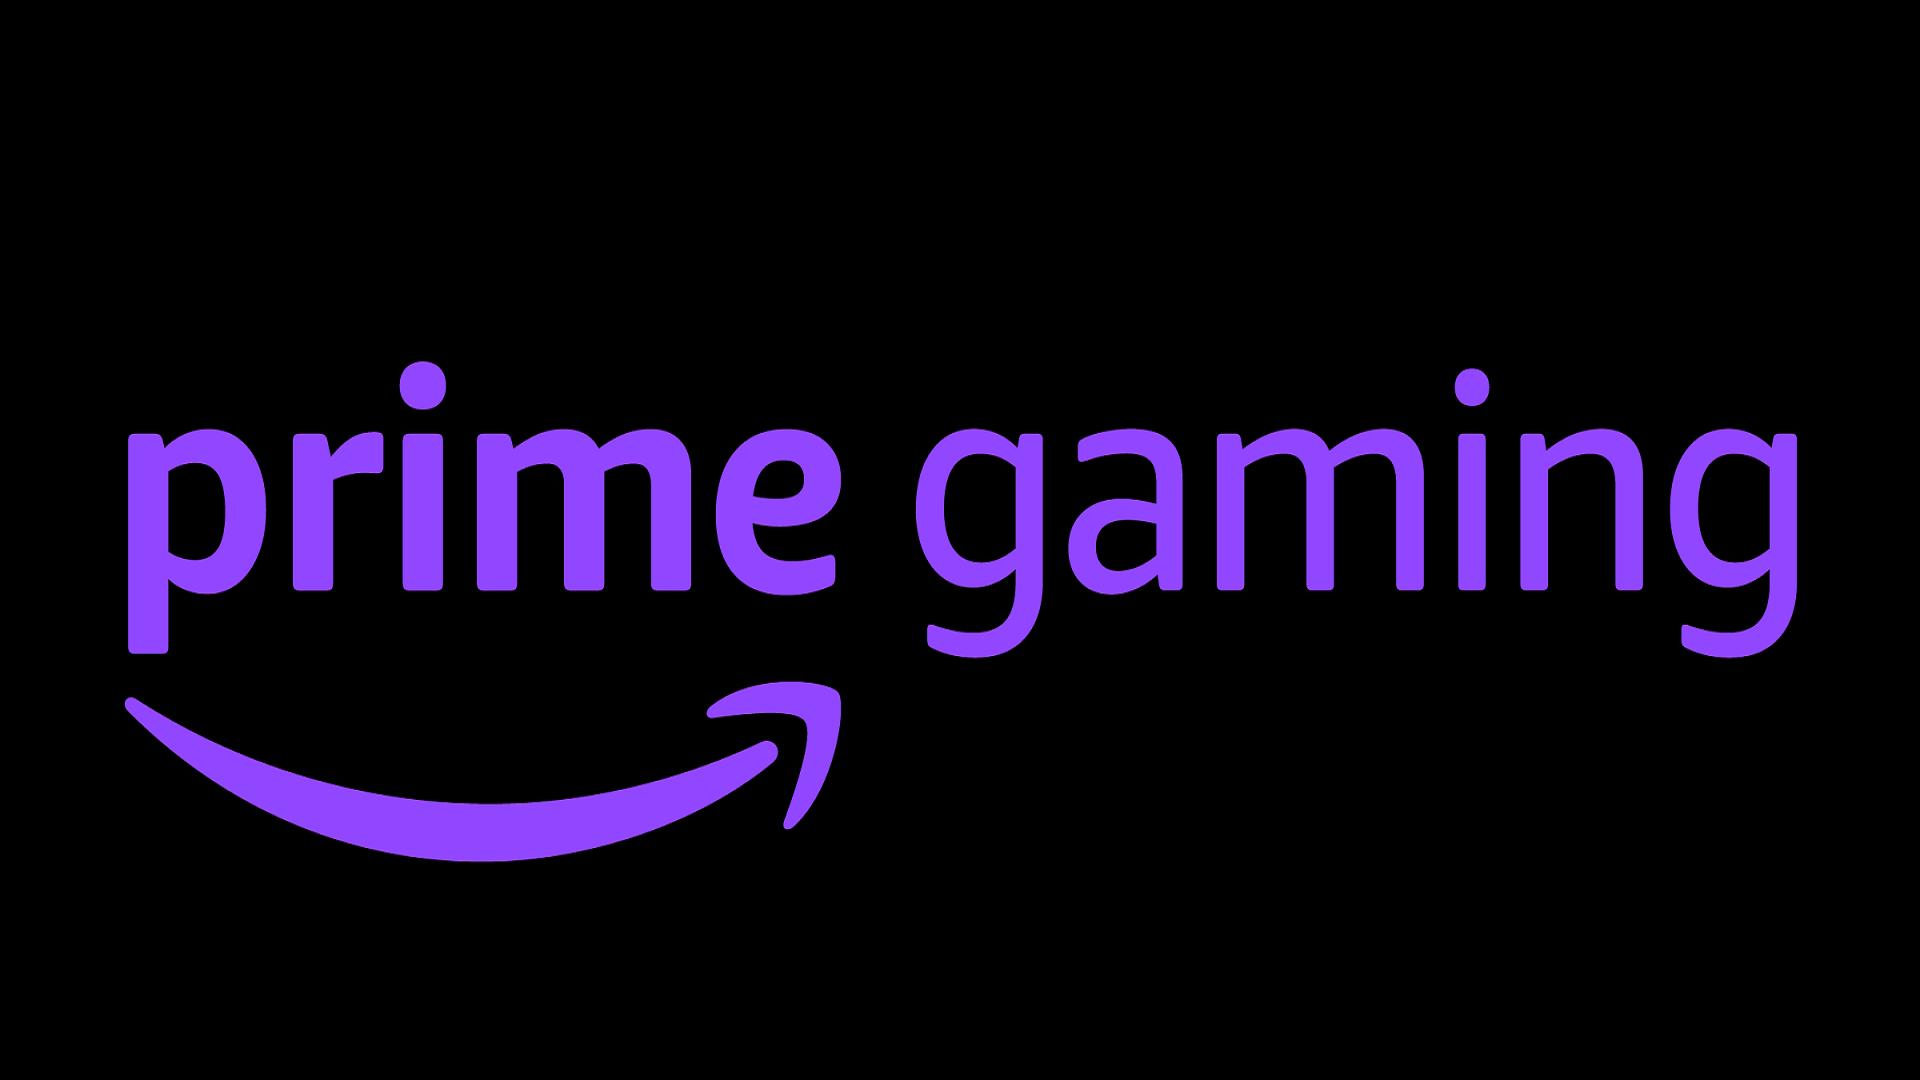 prime gaming pdvg